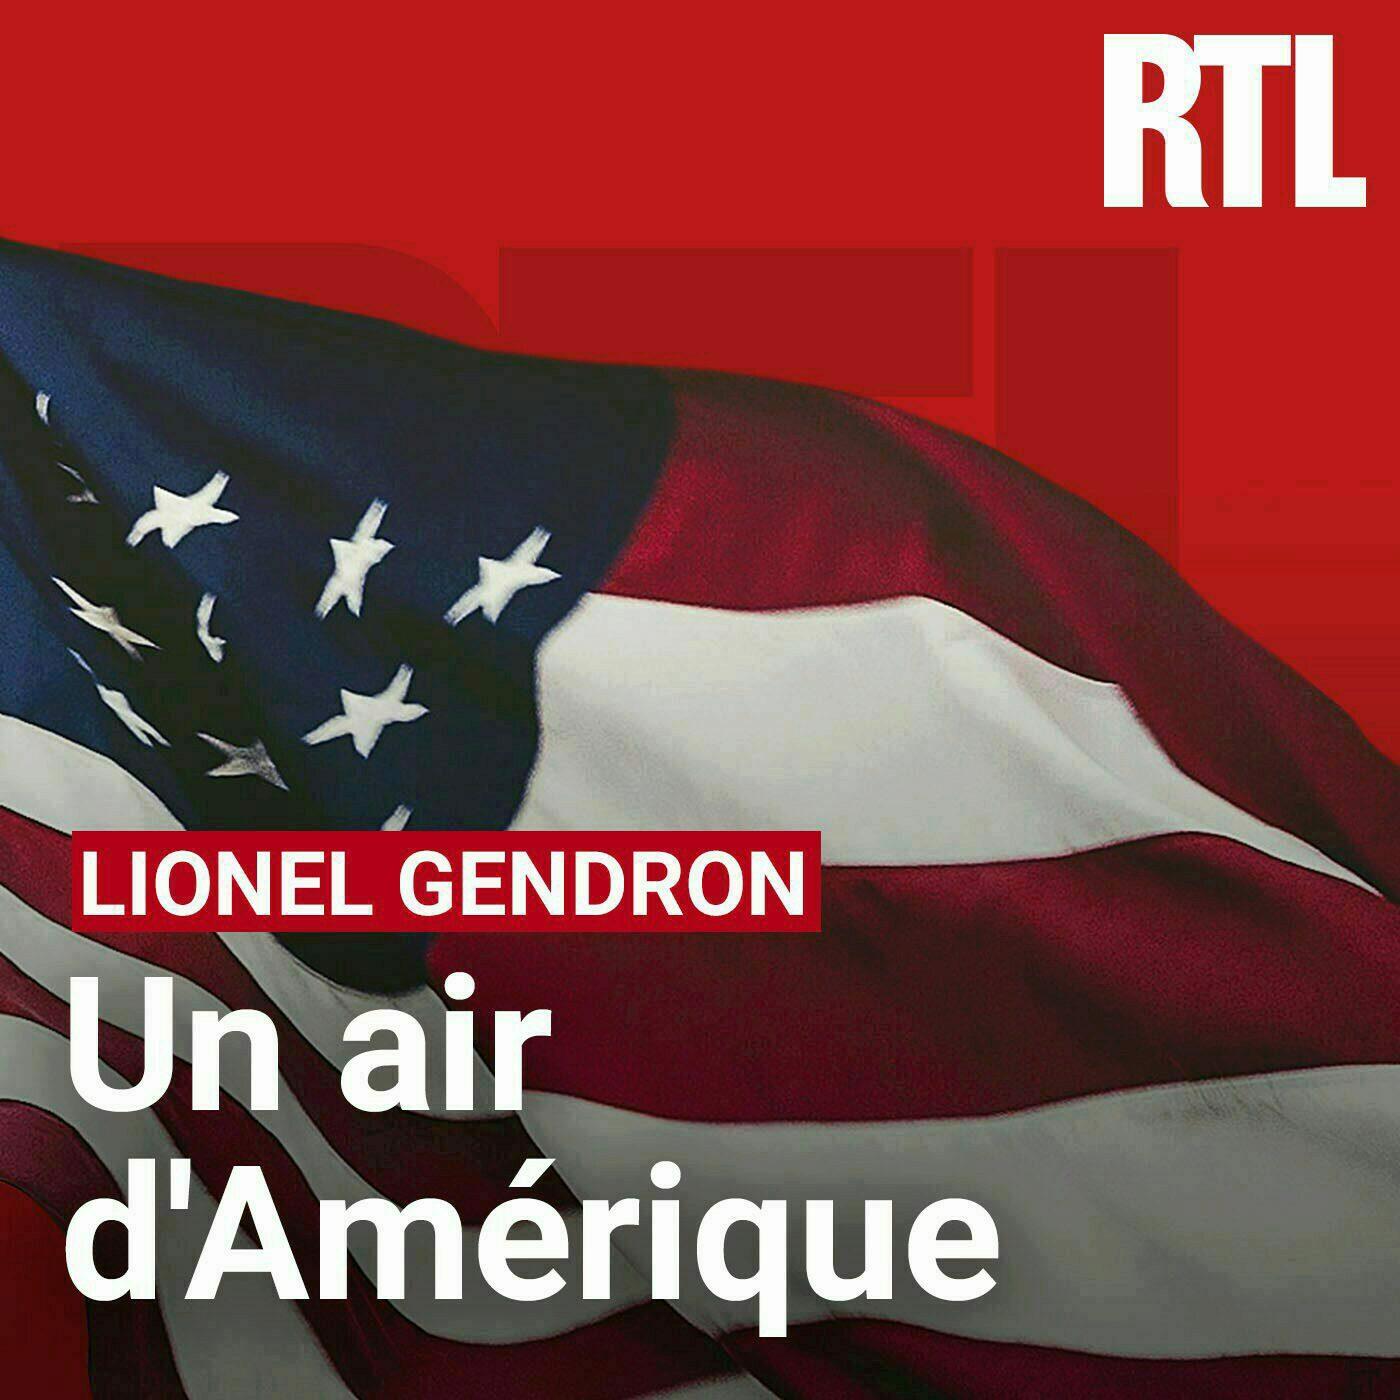 Image 1: Un air d amerique